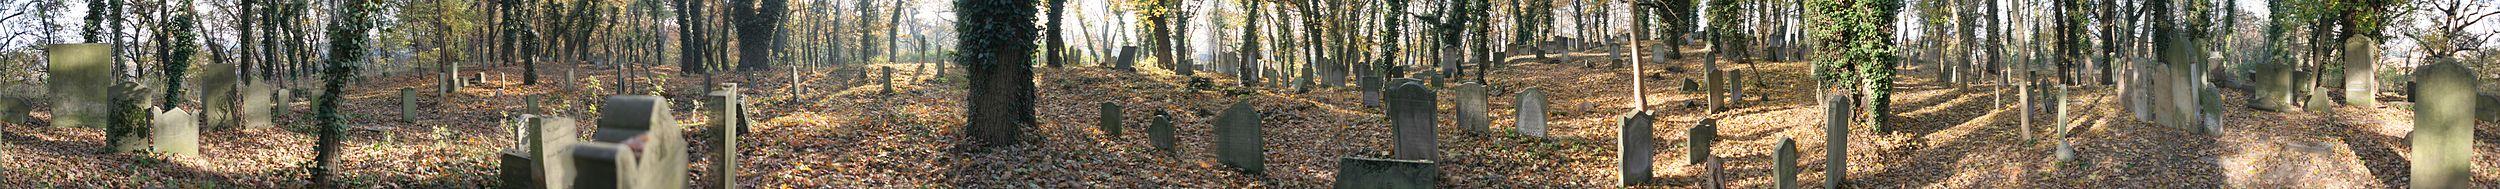 Panoramiczny widok na cmentarz żydowski w Skwierzynie (październik 2015)